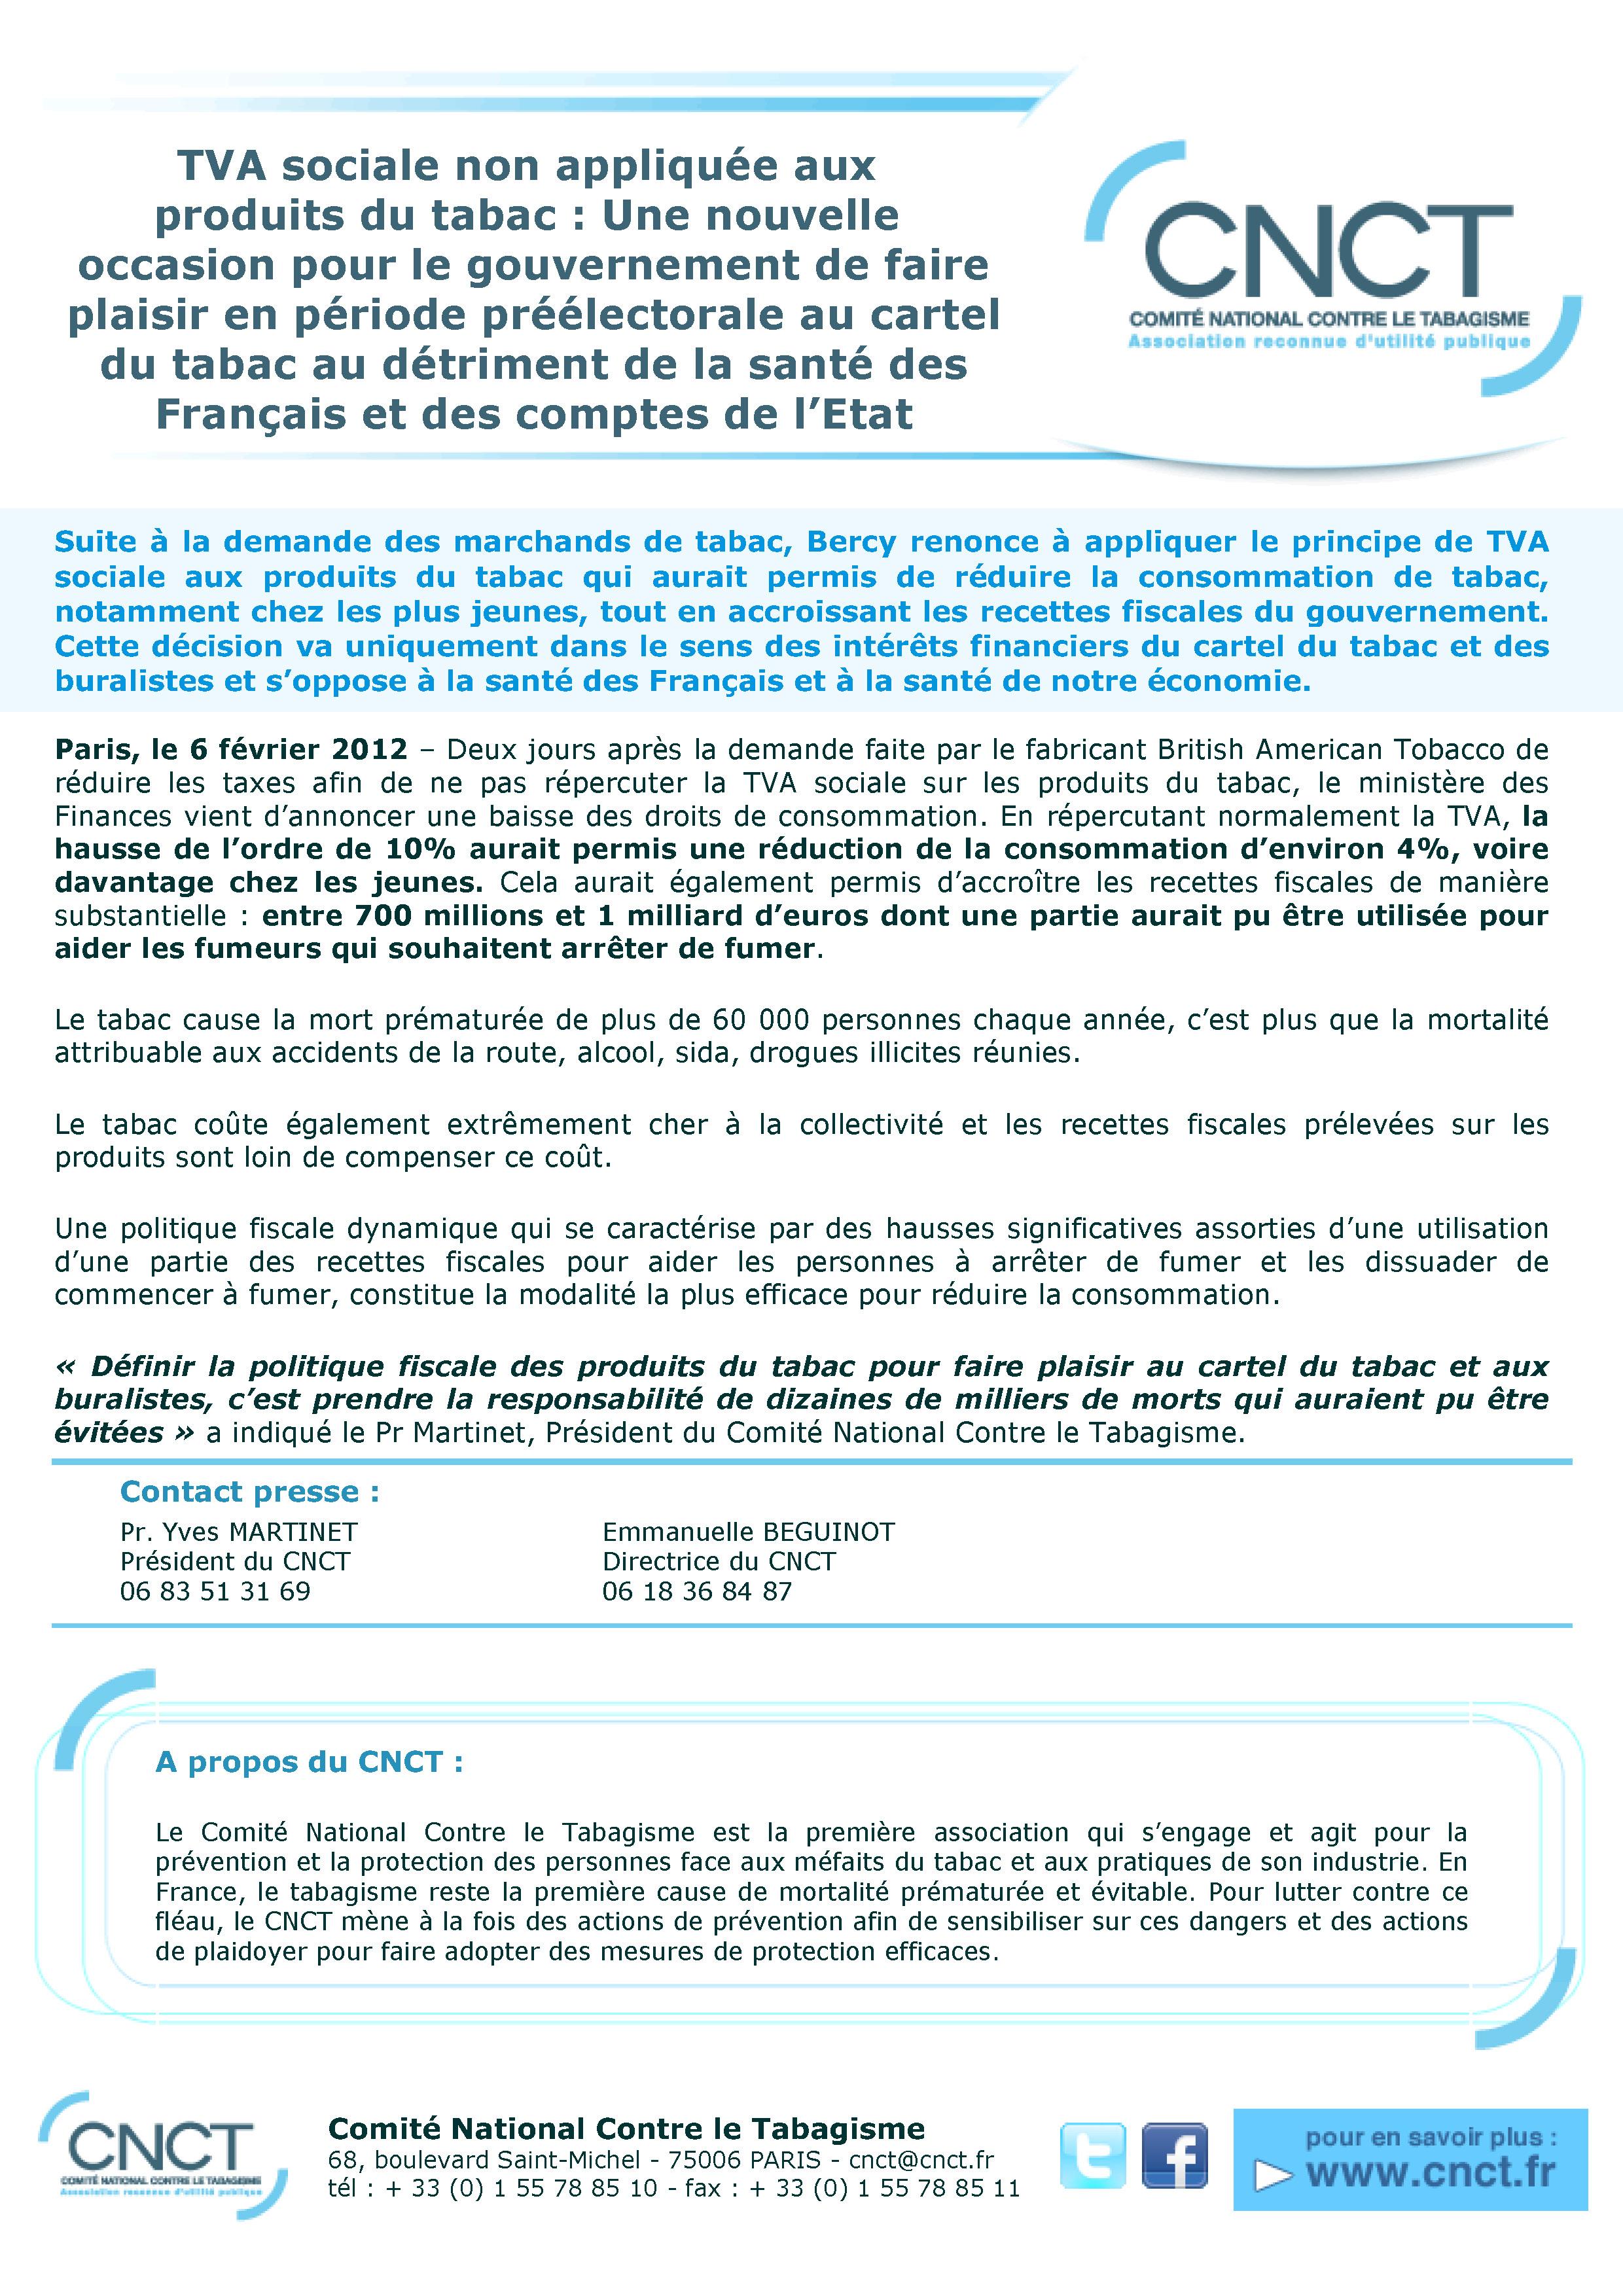 CNCT-CP_tva-sociale-et-tabac-06fev2012.jpg